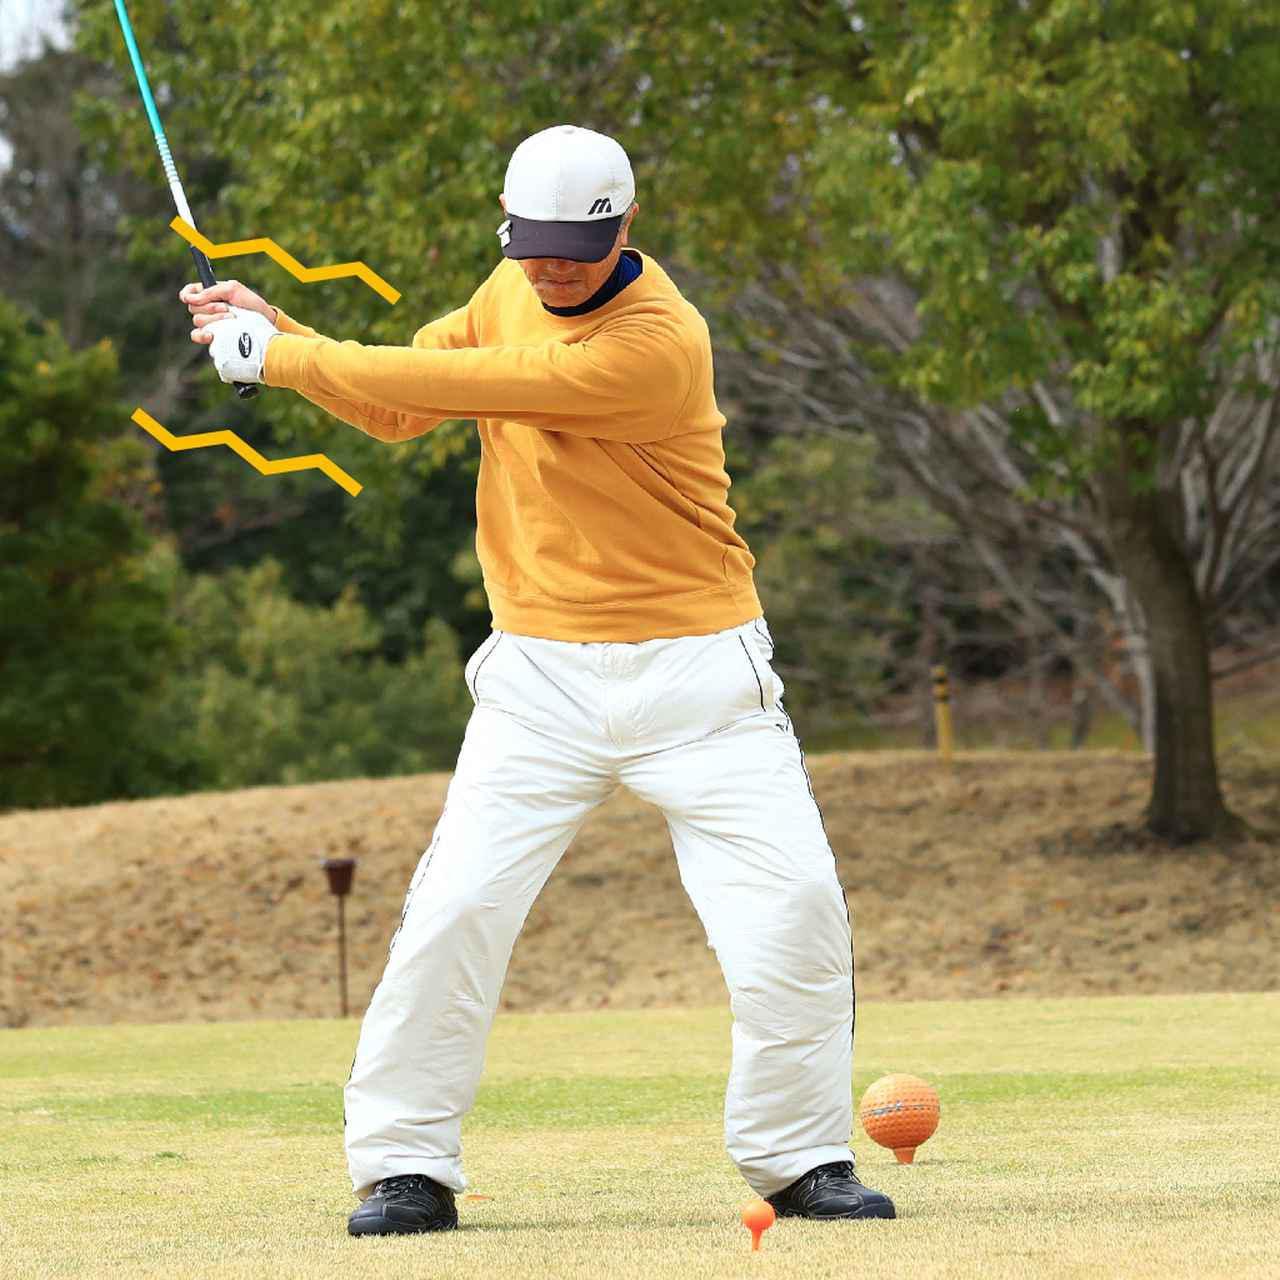 画像7: 【飛距離アップ】飛ばしに力は必要ない。女子プロゴルファーがこぞって集うチーム辻村明志「マン振りより飛ぶ八分目スウィング」